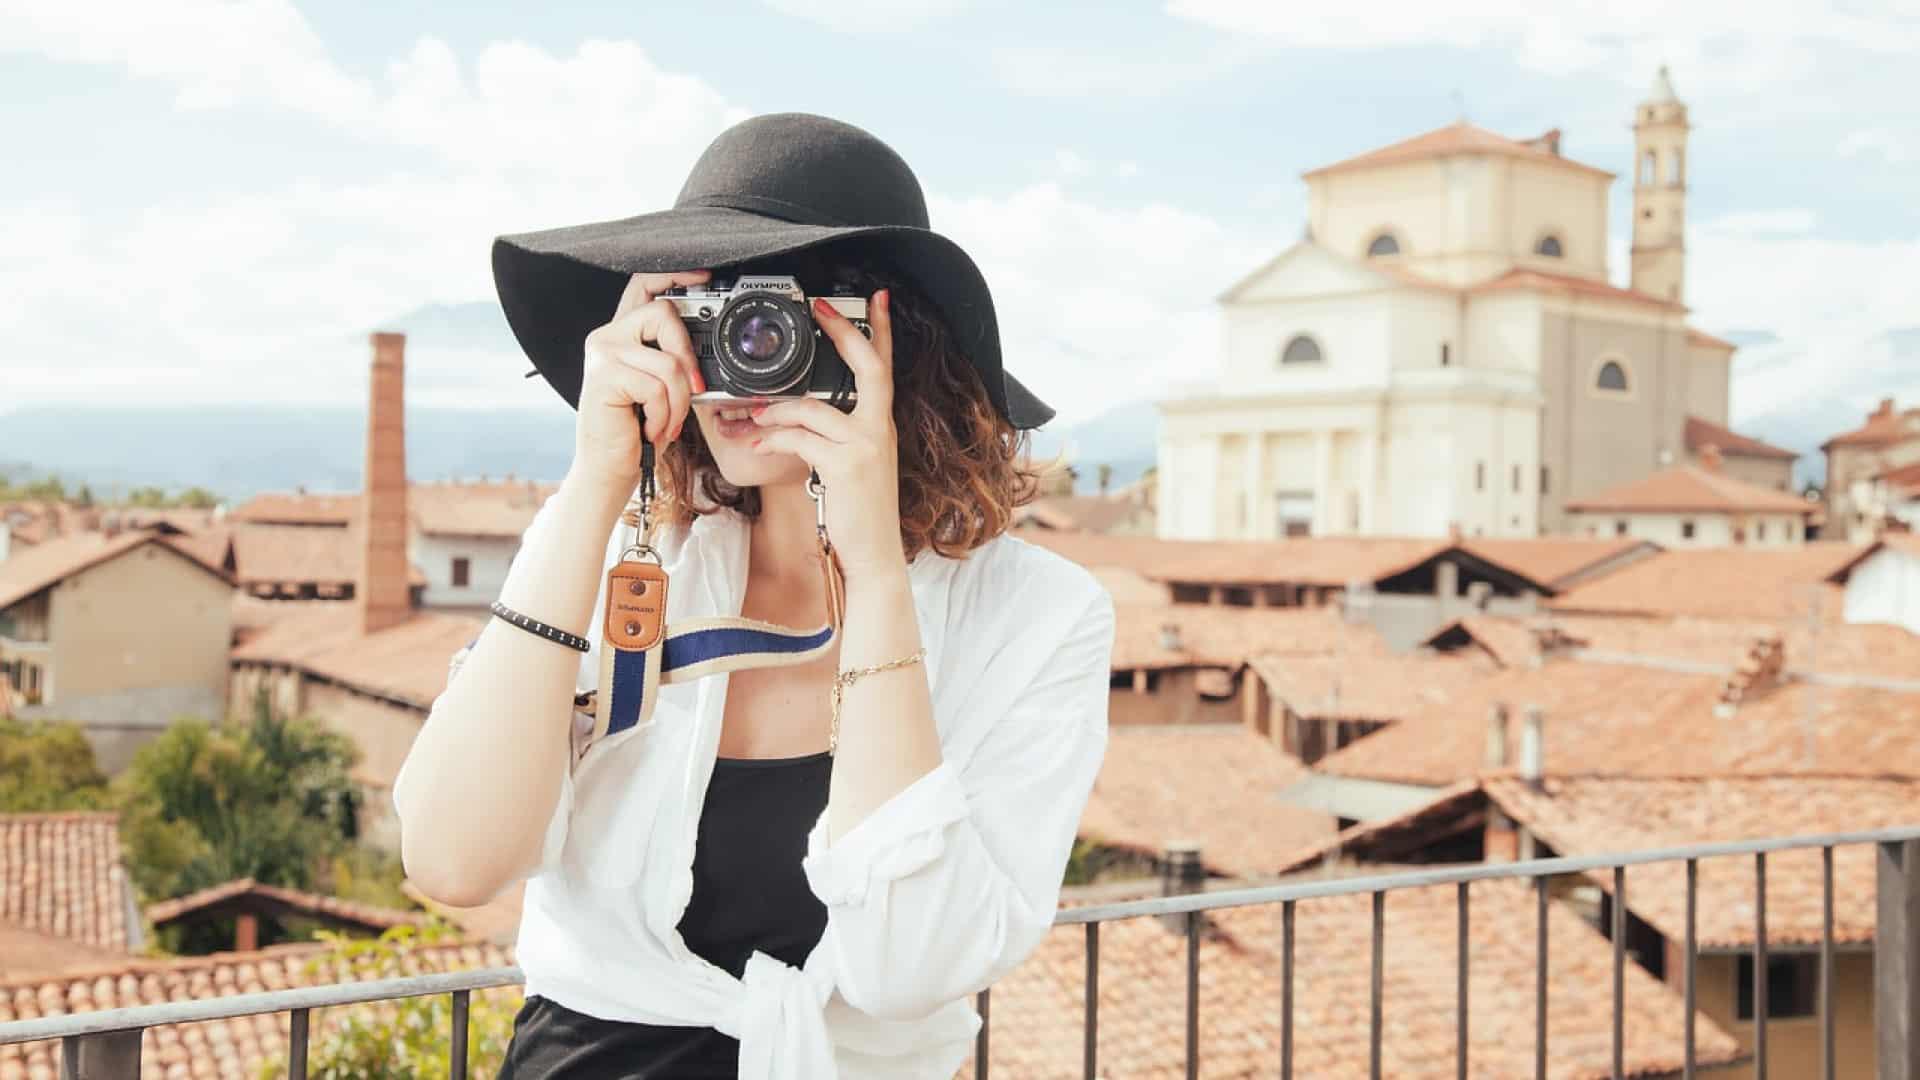 Des conseils pour devenir photographe